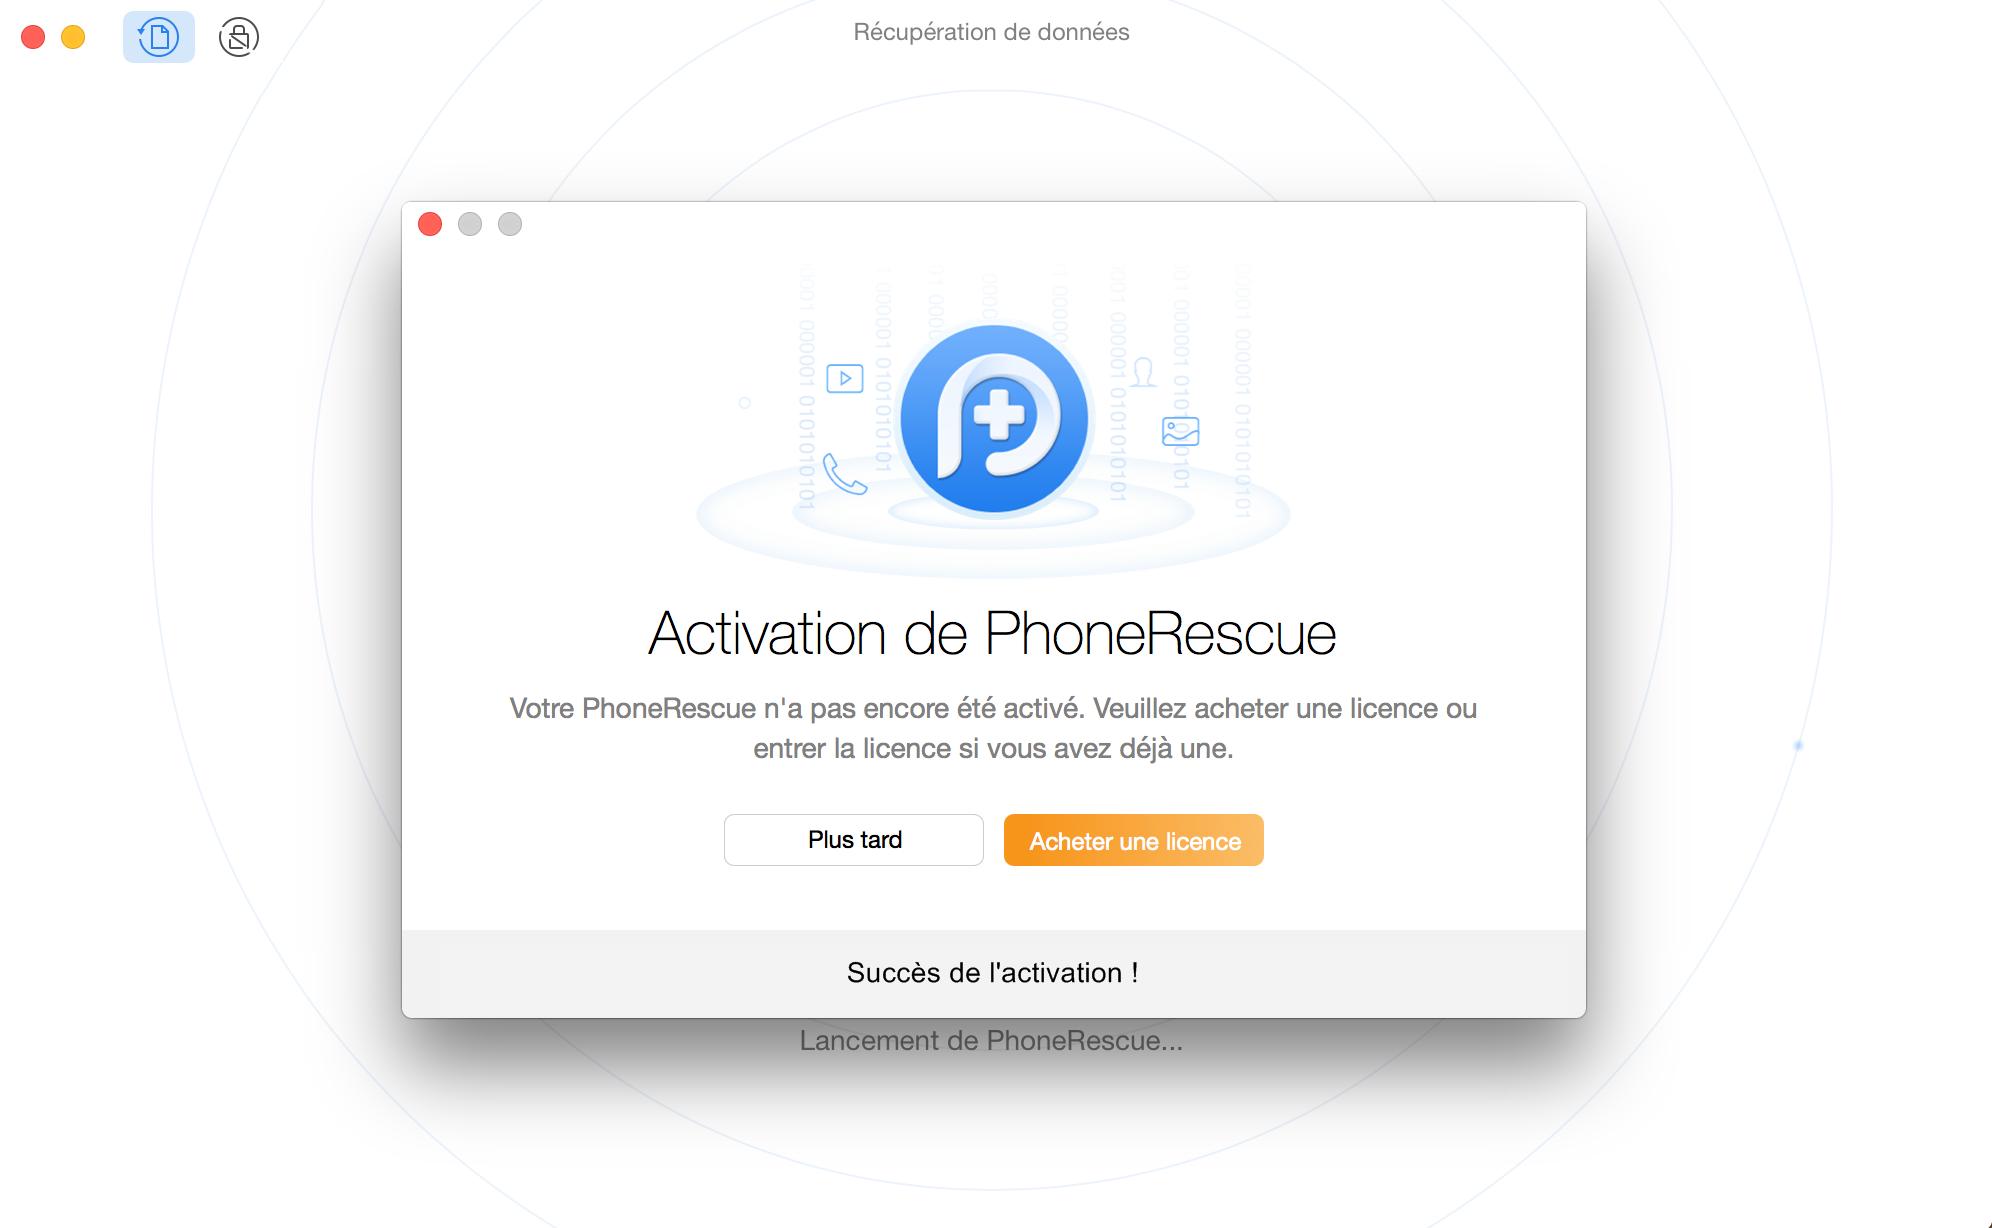 Enregistrement de PhoneRescue pour Google avec succès